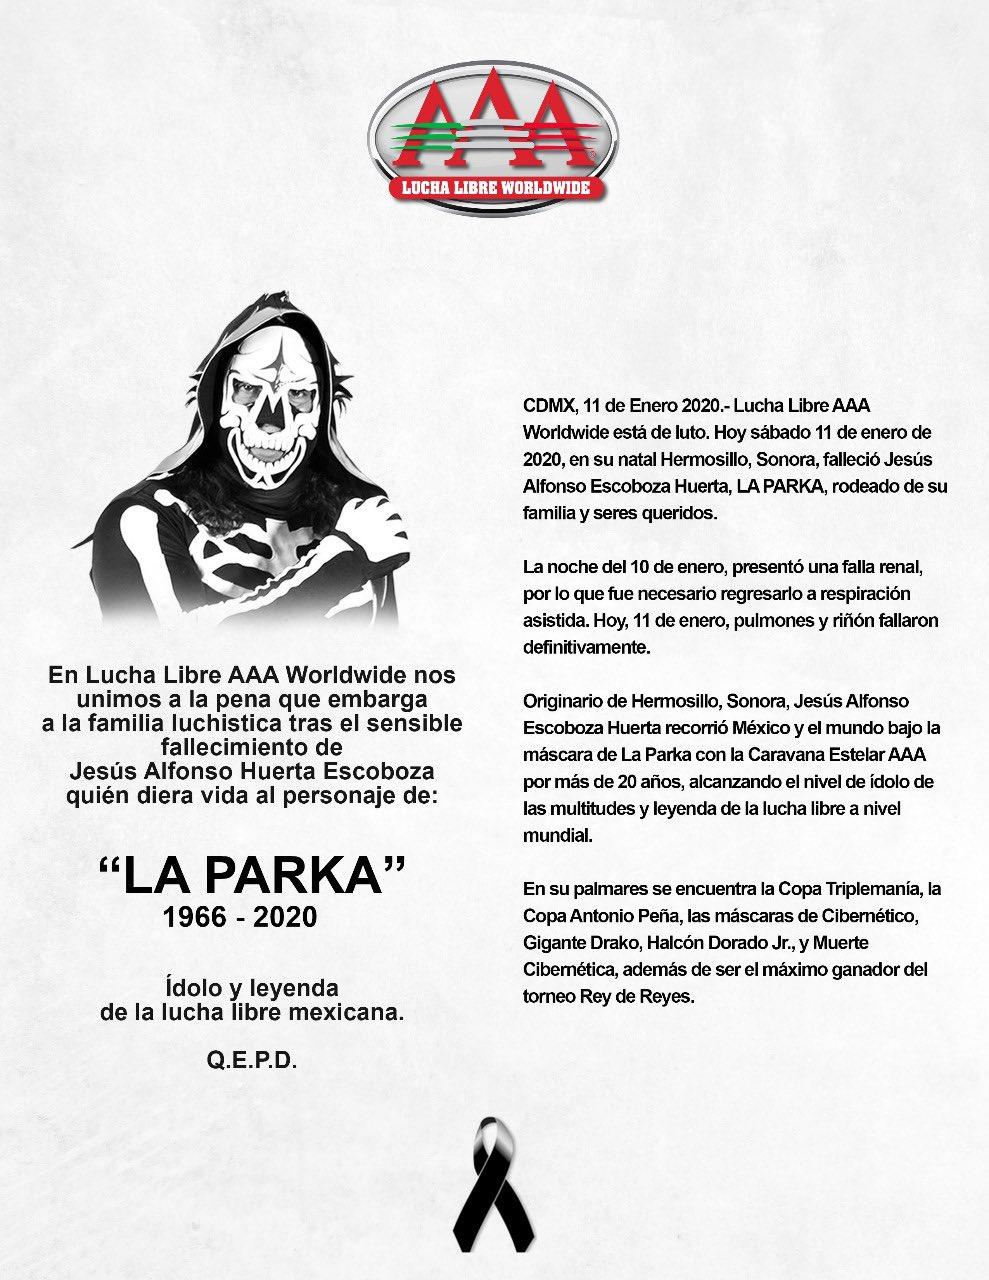 11/01/2019, La lucha libre de la AAA está de luto ya que reportan la muerte de La Parka